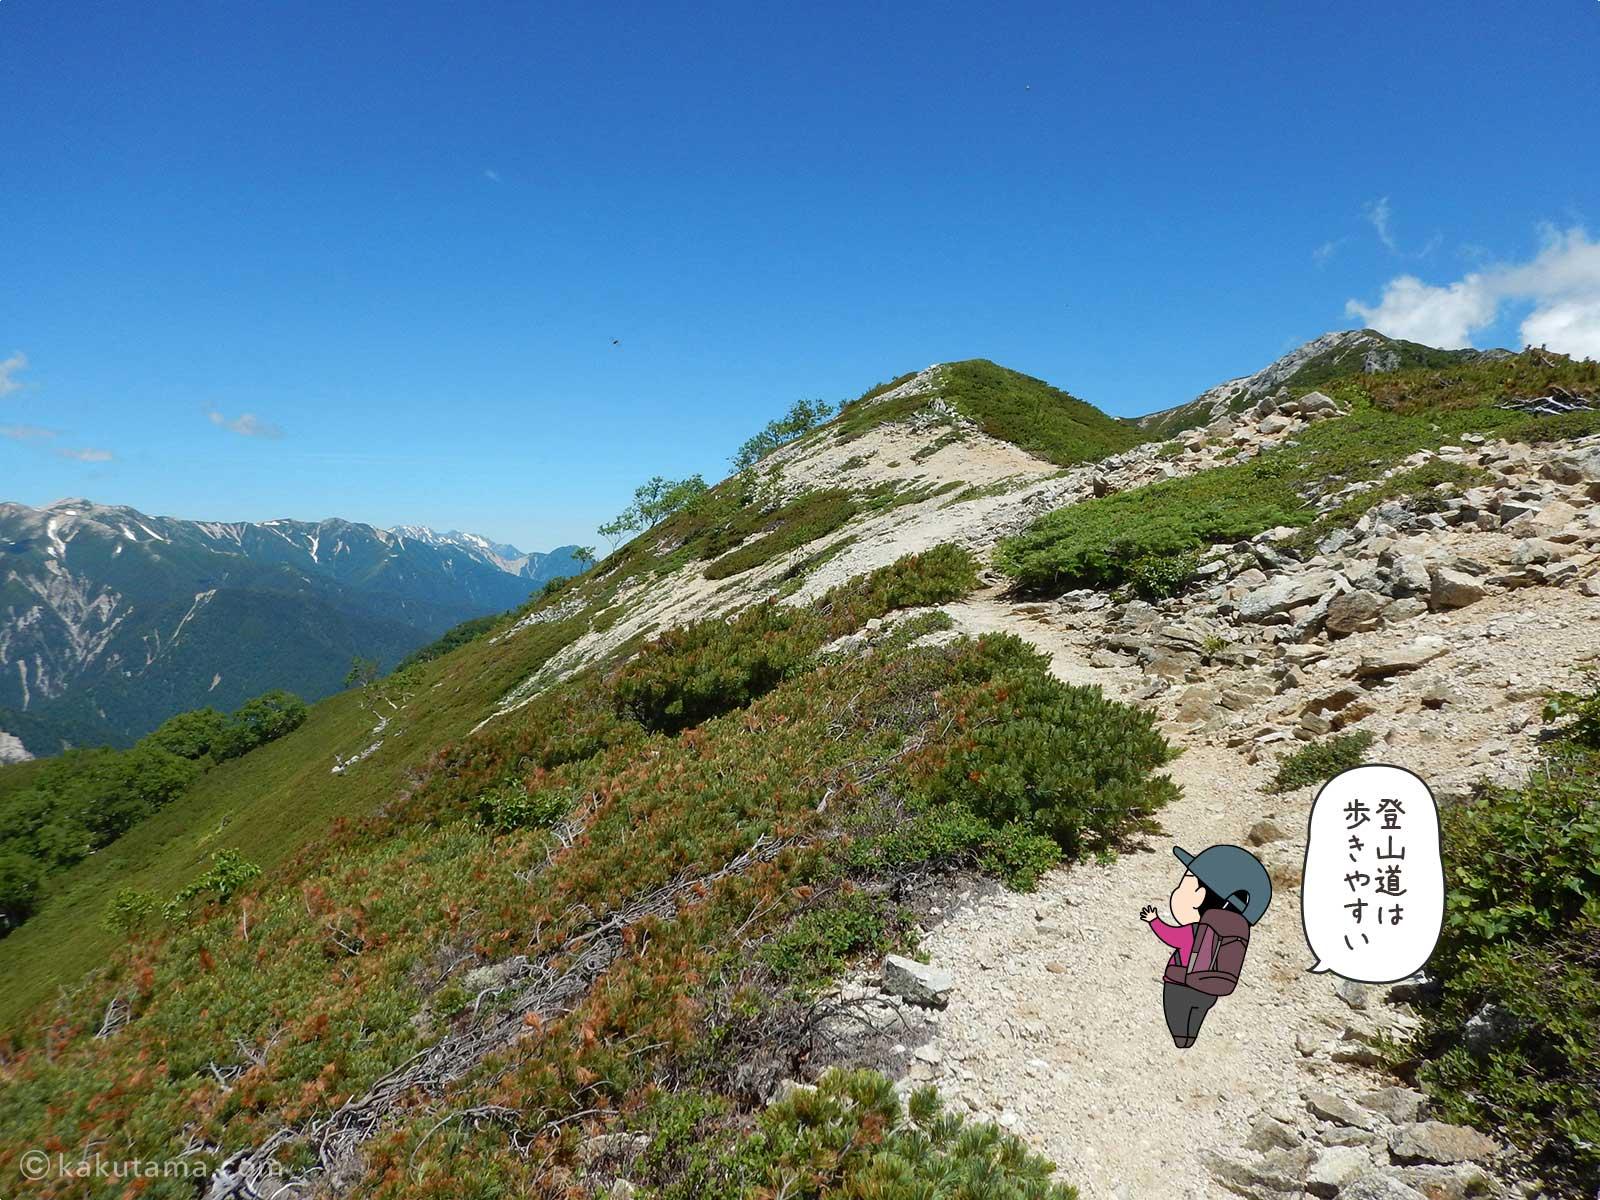 これから登る山の稜線が見える